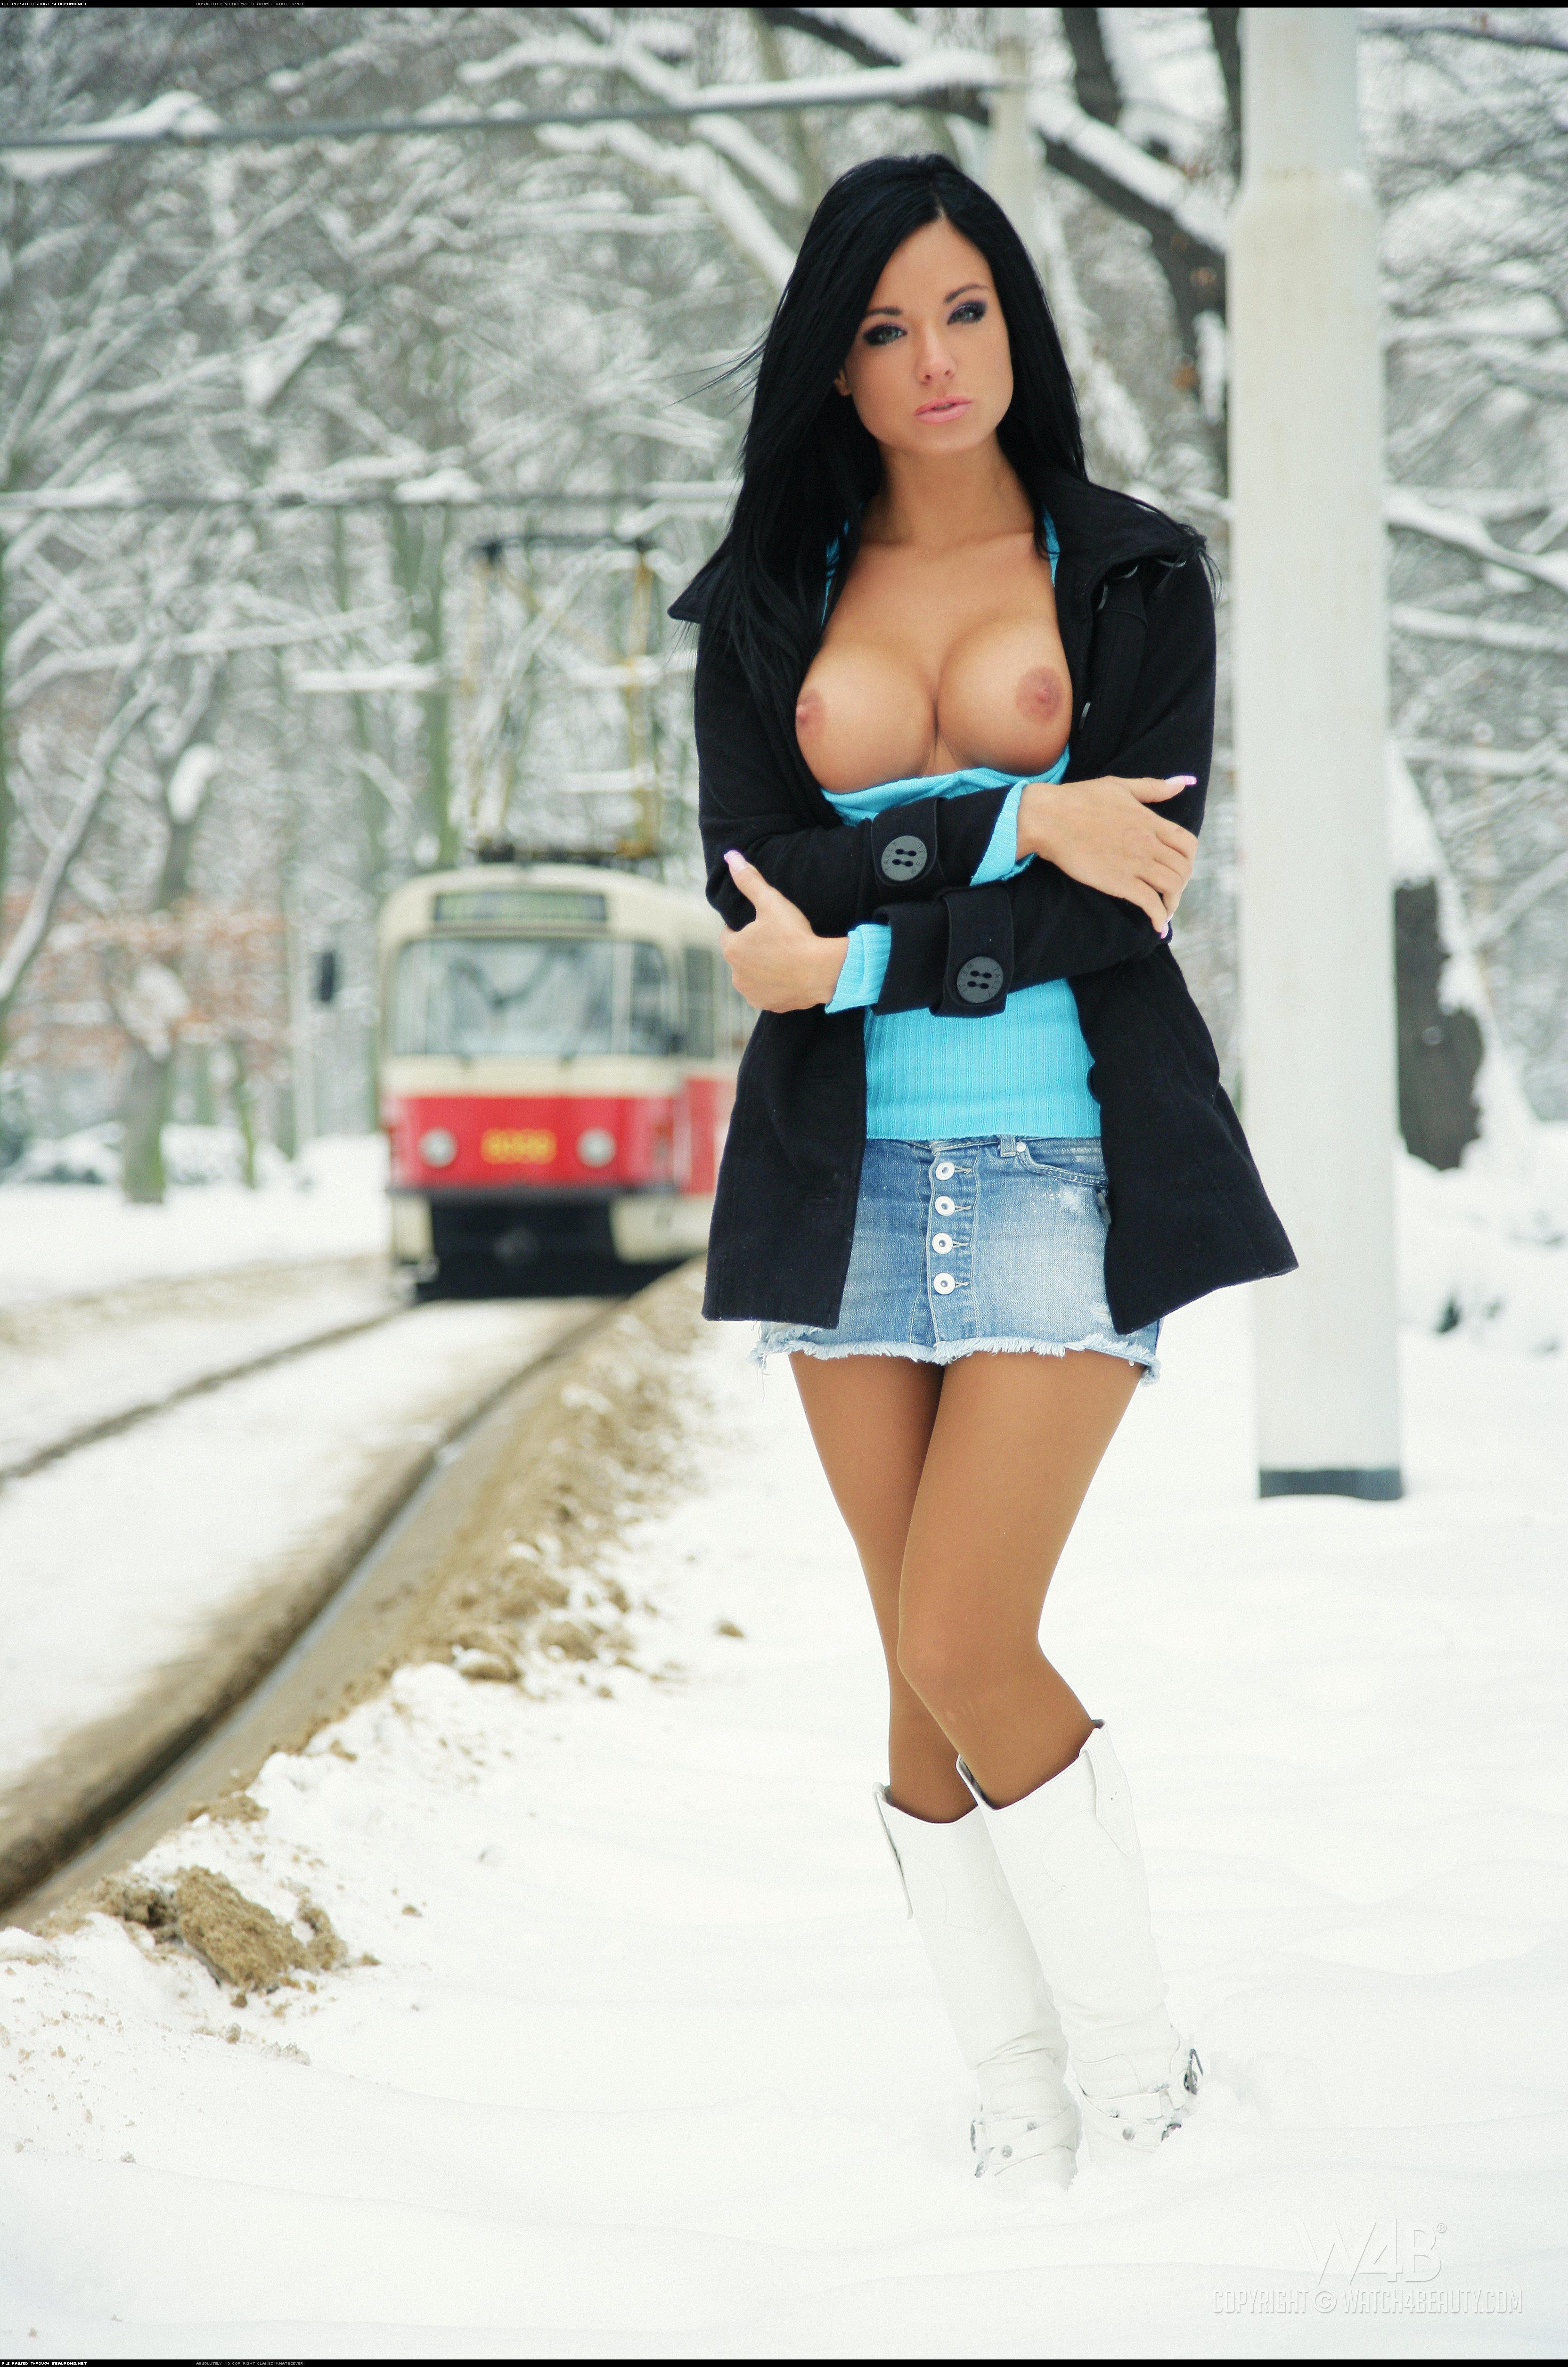 Фото голых девушек зимой брюнетки лучшее порно фото на ...